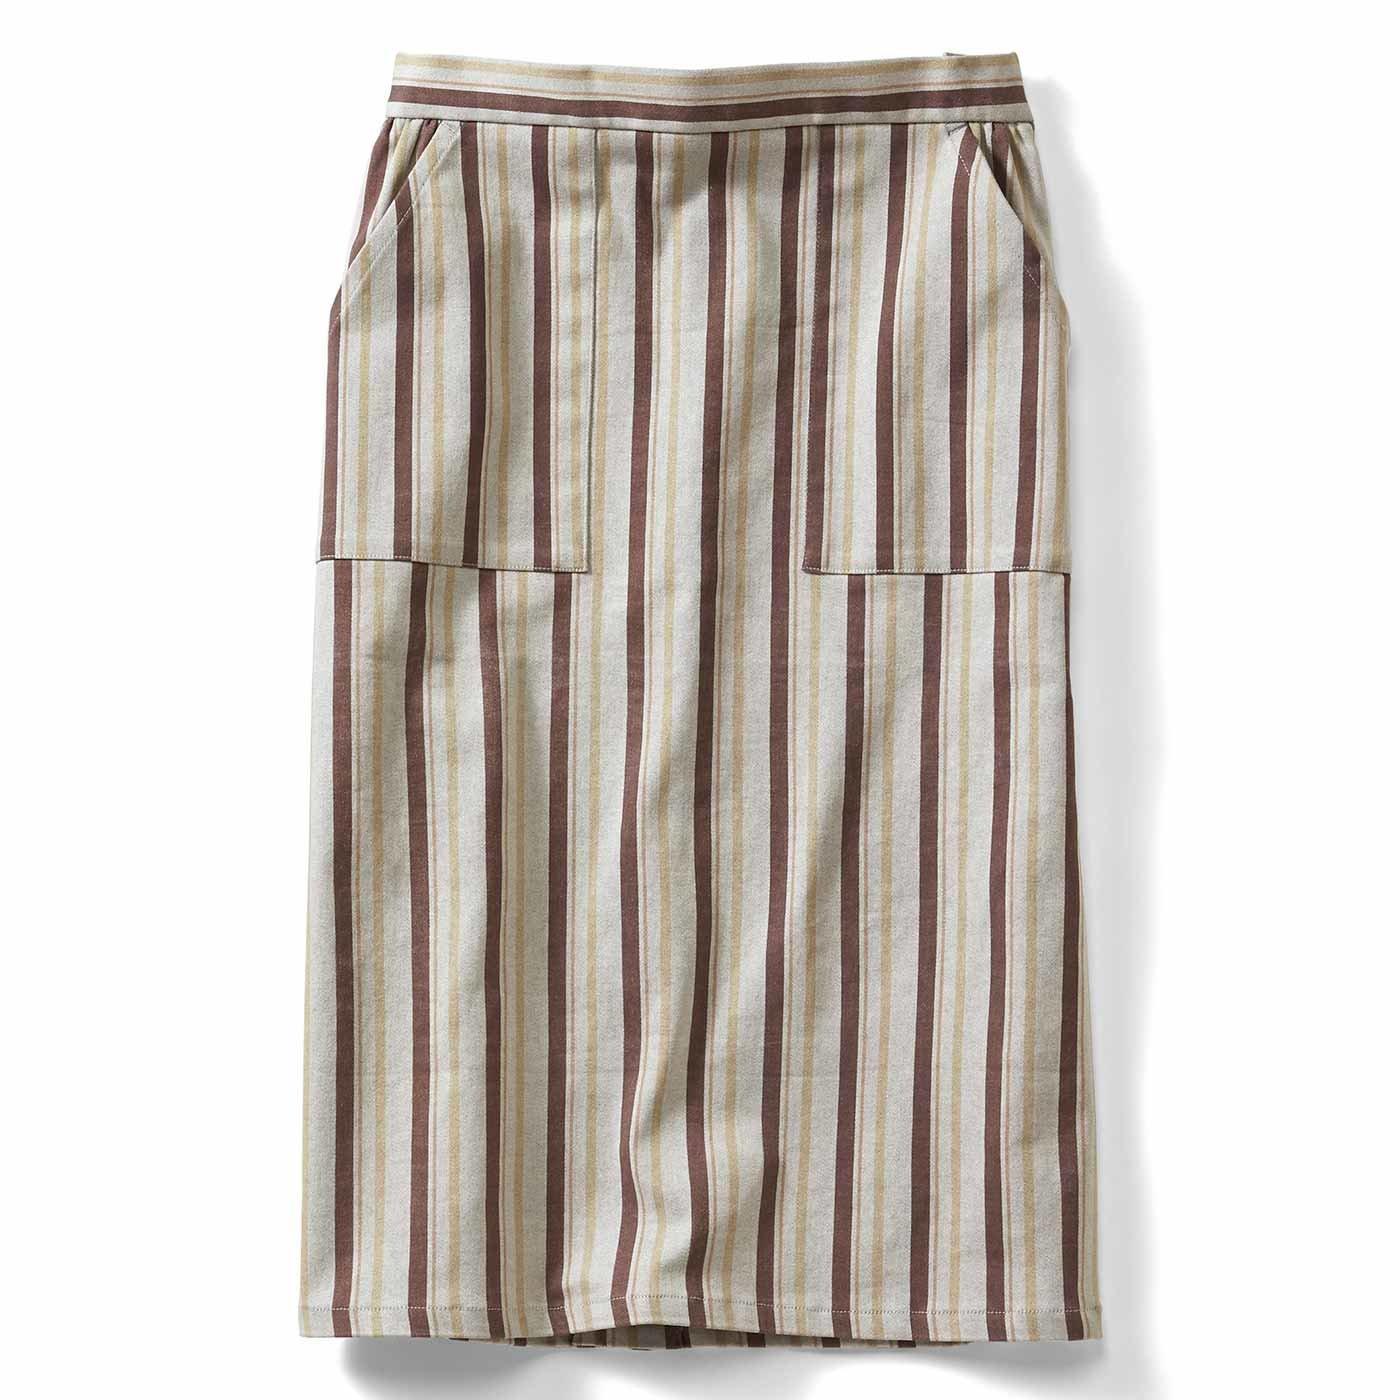 IEDIT[イディット] ストレッチサテン素材で伸びやか ストライプ柄Iラインスカート〈ベージュ〉